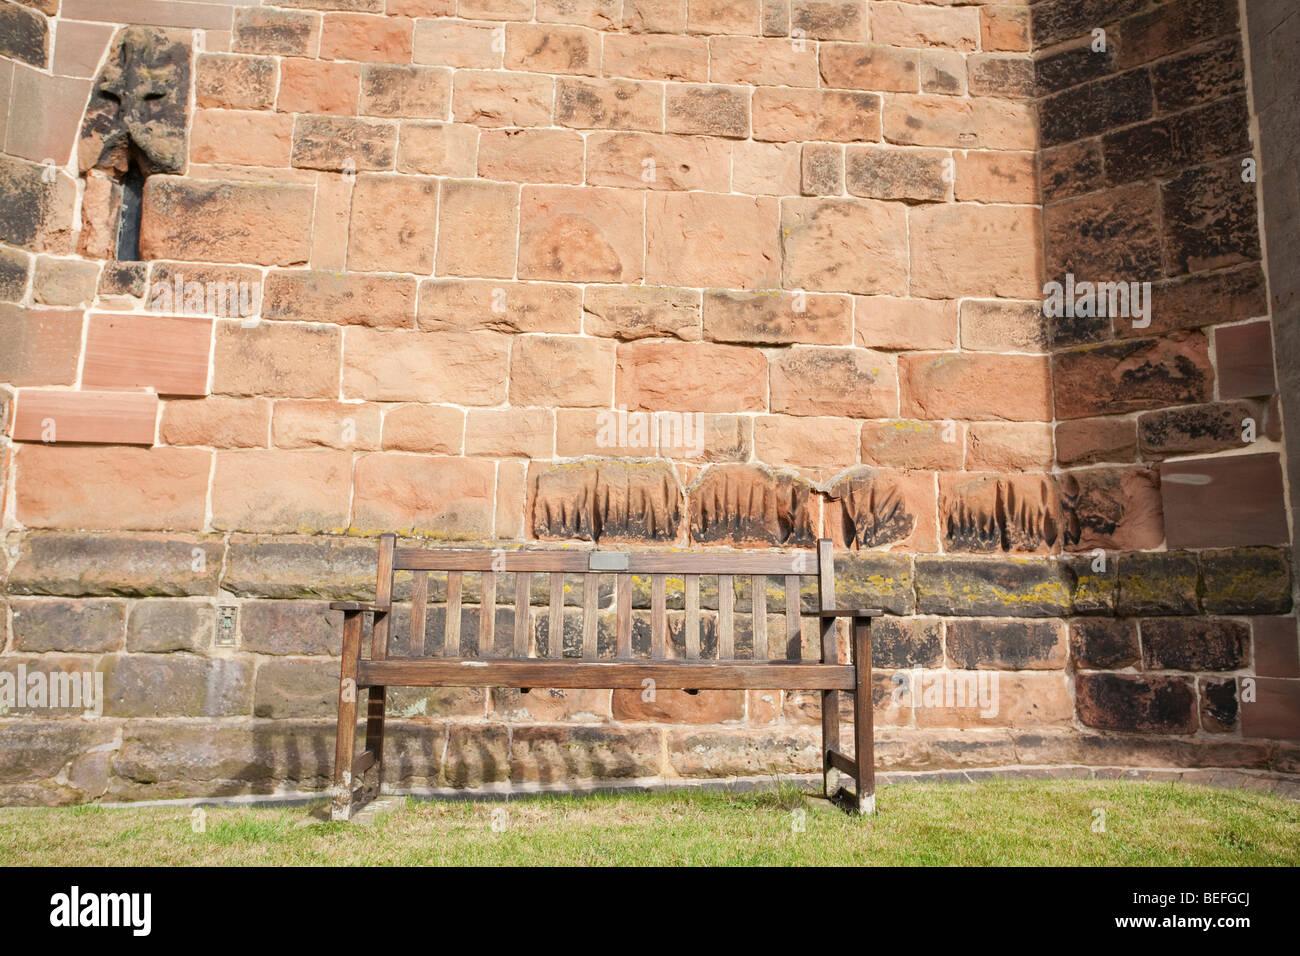 Banquette sur l'herbe, devant un mur de l'église Photo Stock